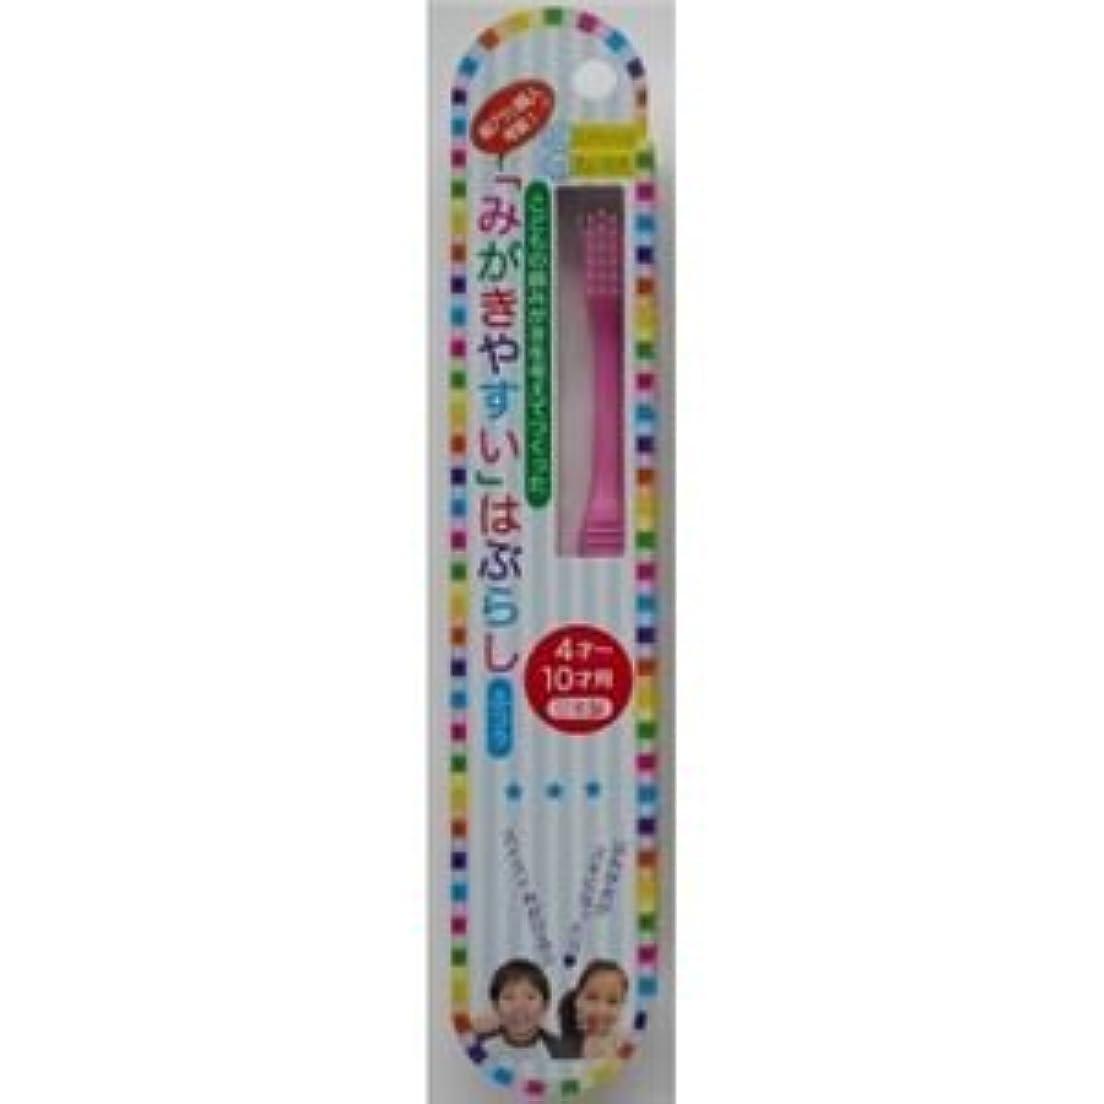 罪行政蒸気(まとめ)ライフレンジ 磨きやすい歯ブラシ LT-10 「磨きやすい」歯ブラシ こども用 【×12点セット】